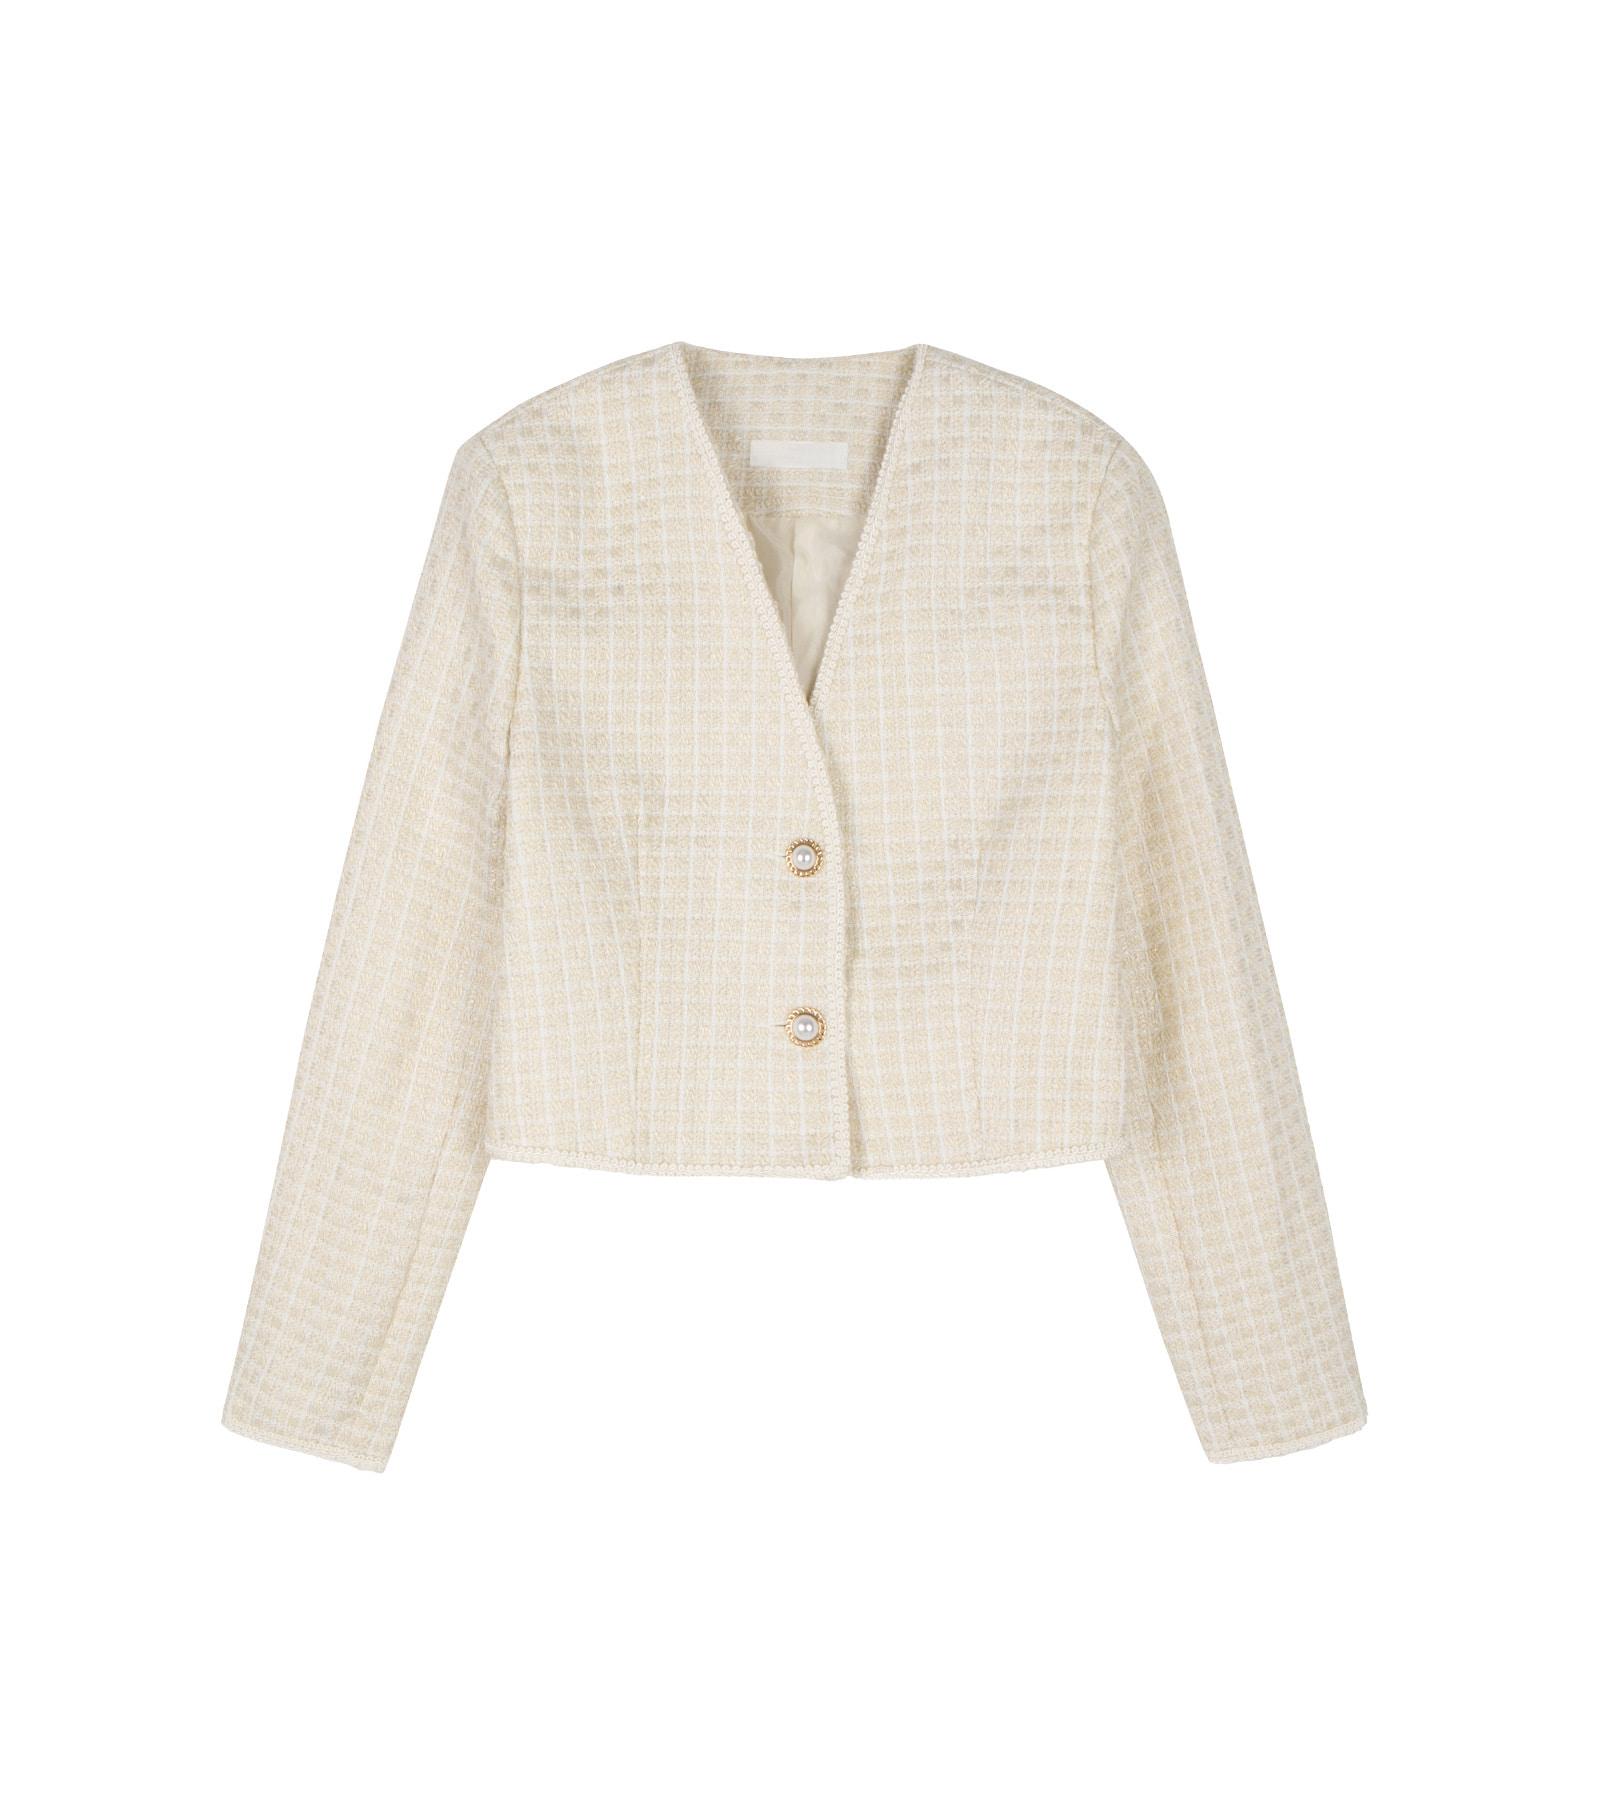 Maid cropped tweed jacket